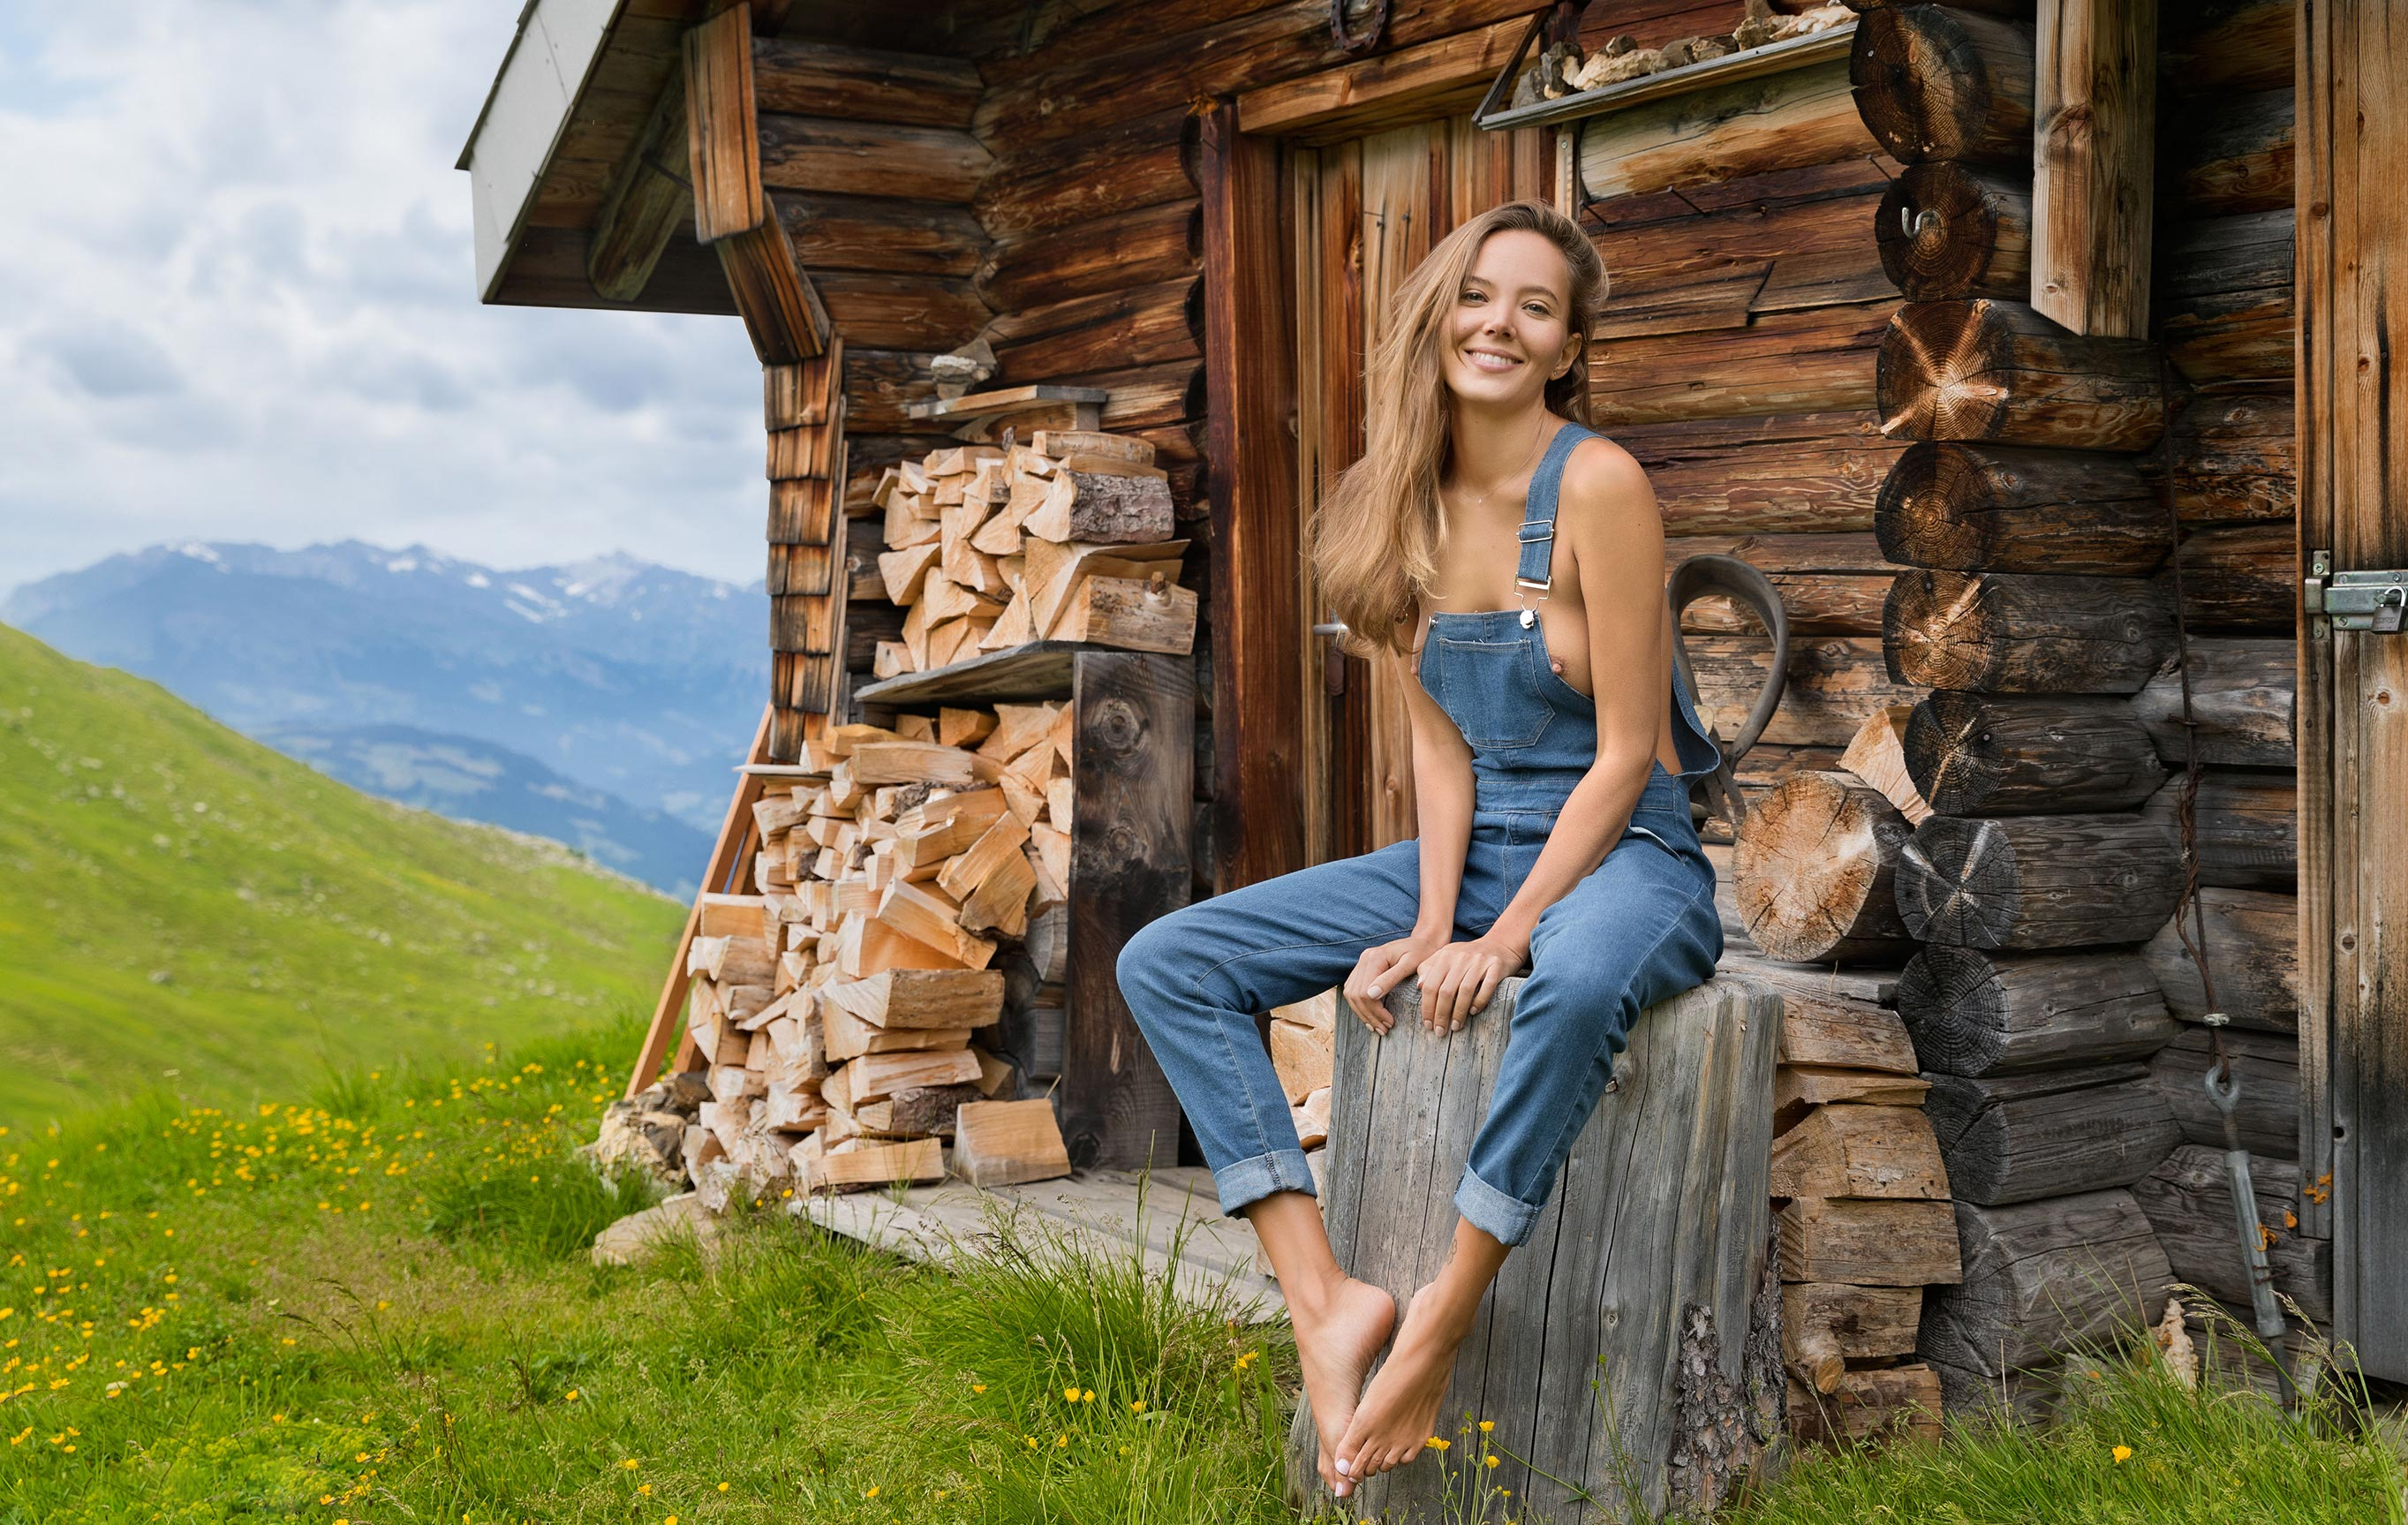 Сексуальная Катя - голая и одинокая в избушке на склоне Альпийских гор / фото 01